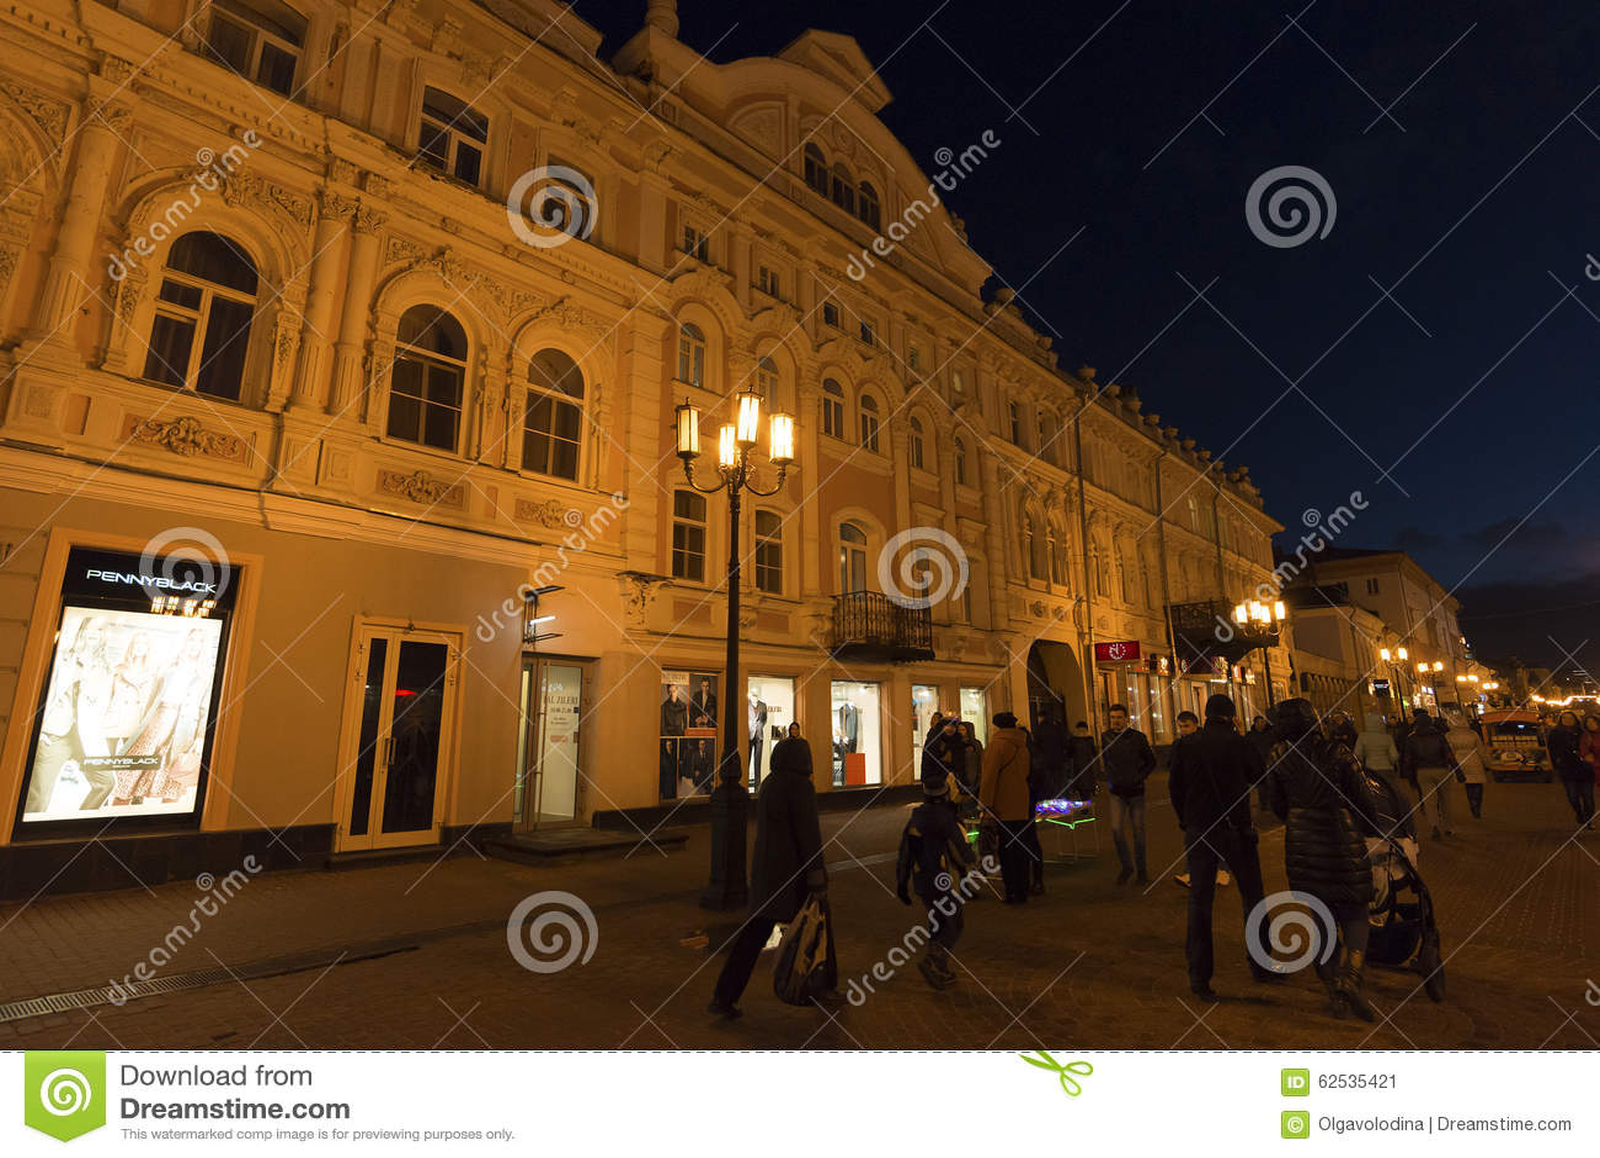 下诺夫哥罗德,俄罗斯-04 11 2015年 任何地方